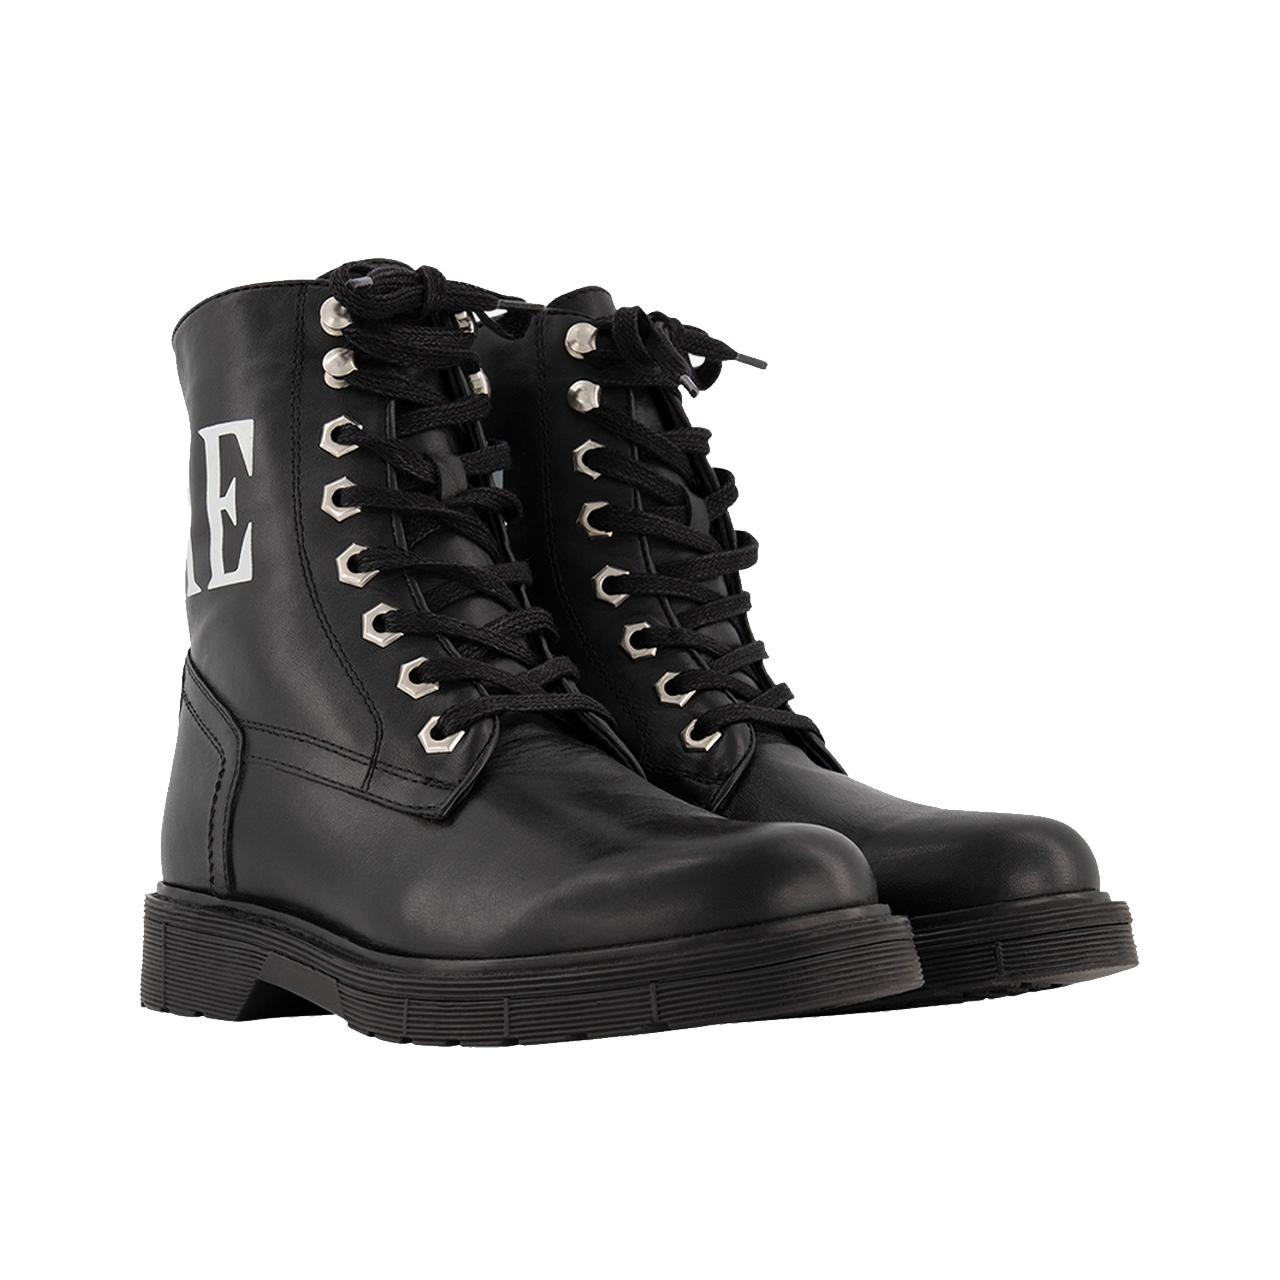 Nikkie laarzen kopen?   BESLIST.nl   Nikkie Boots